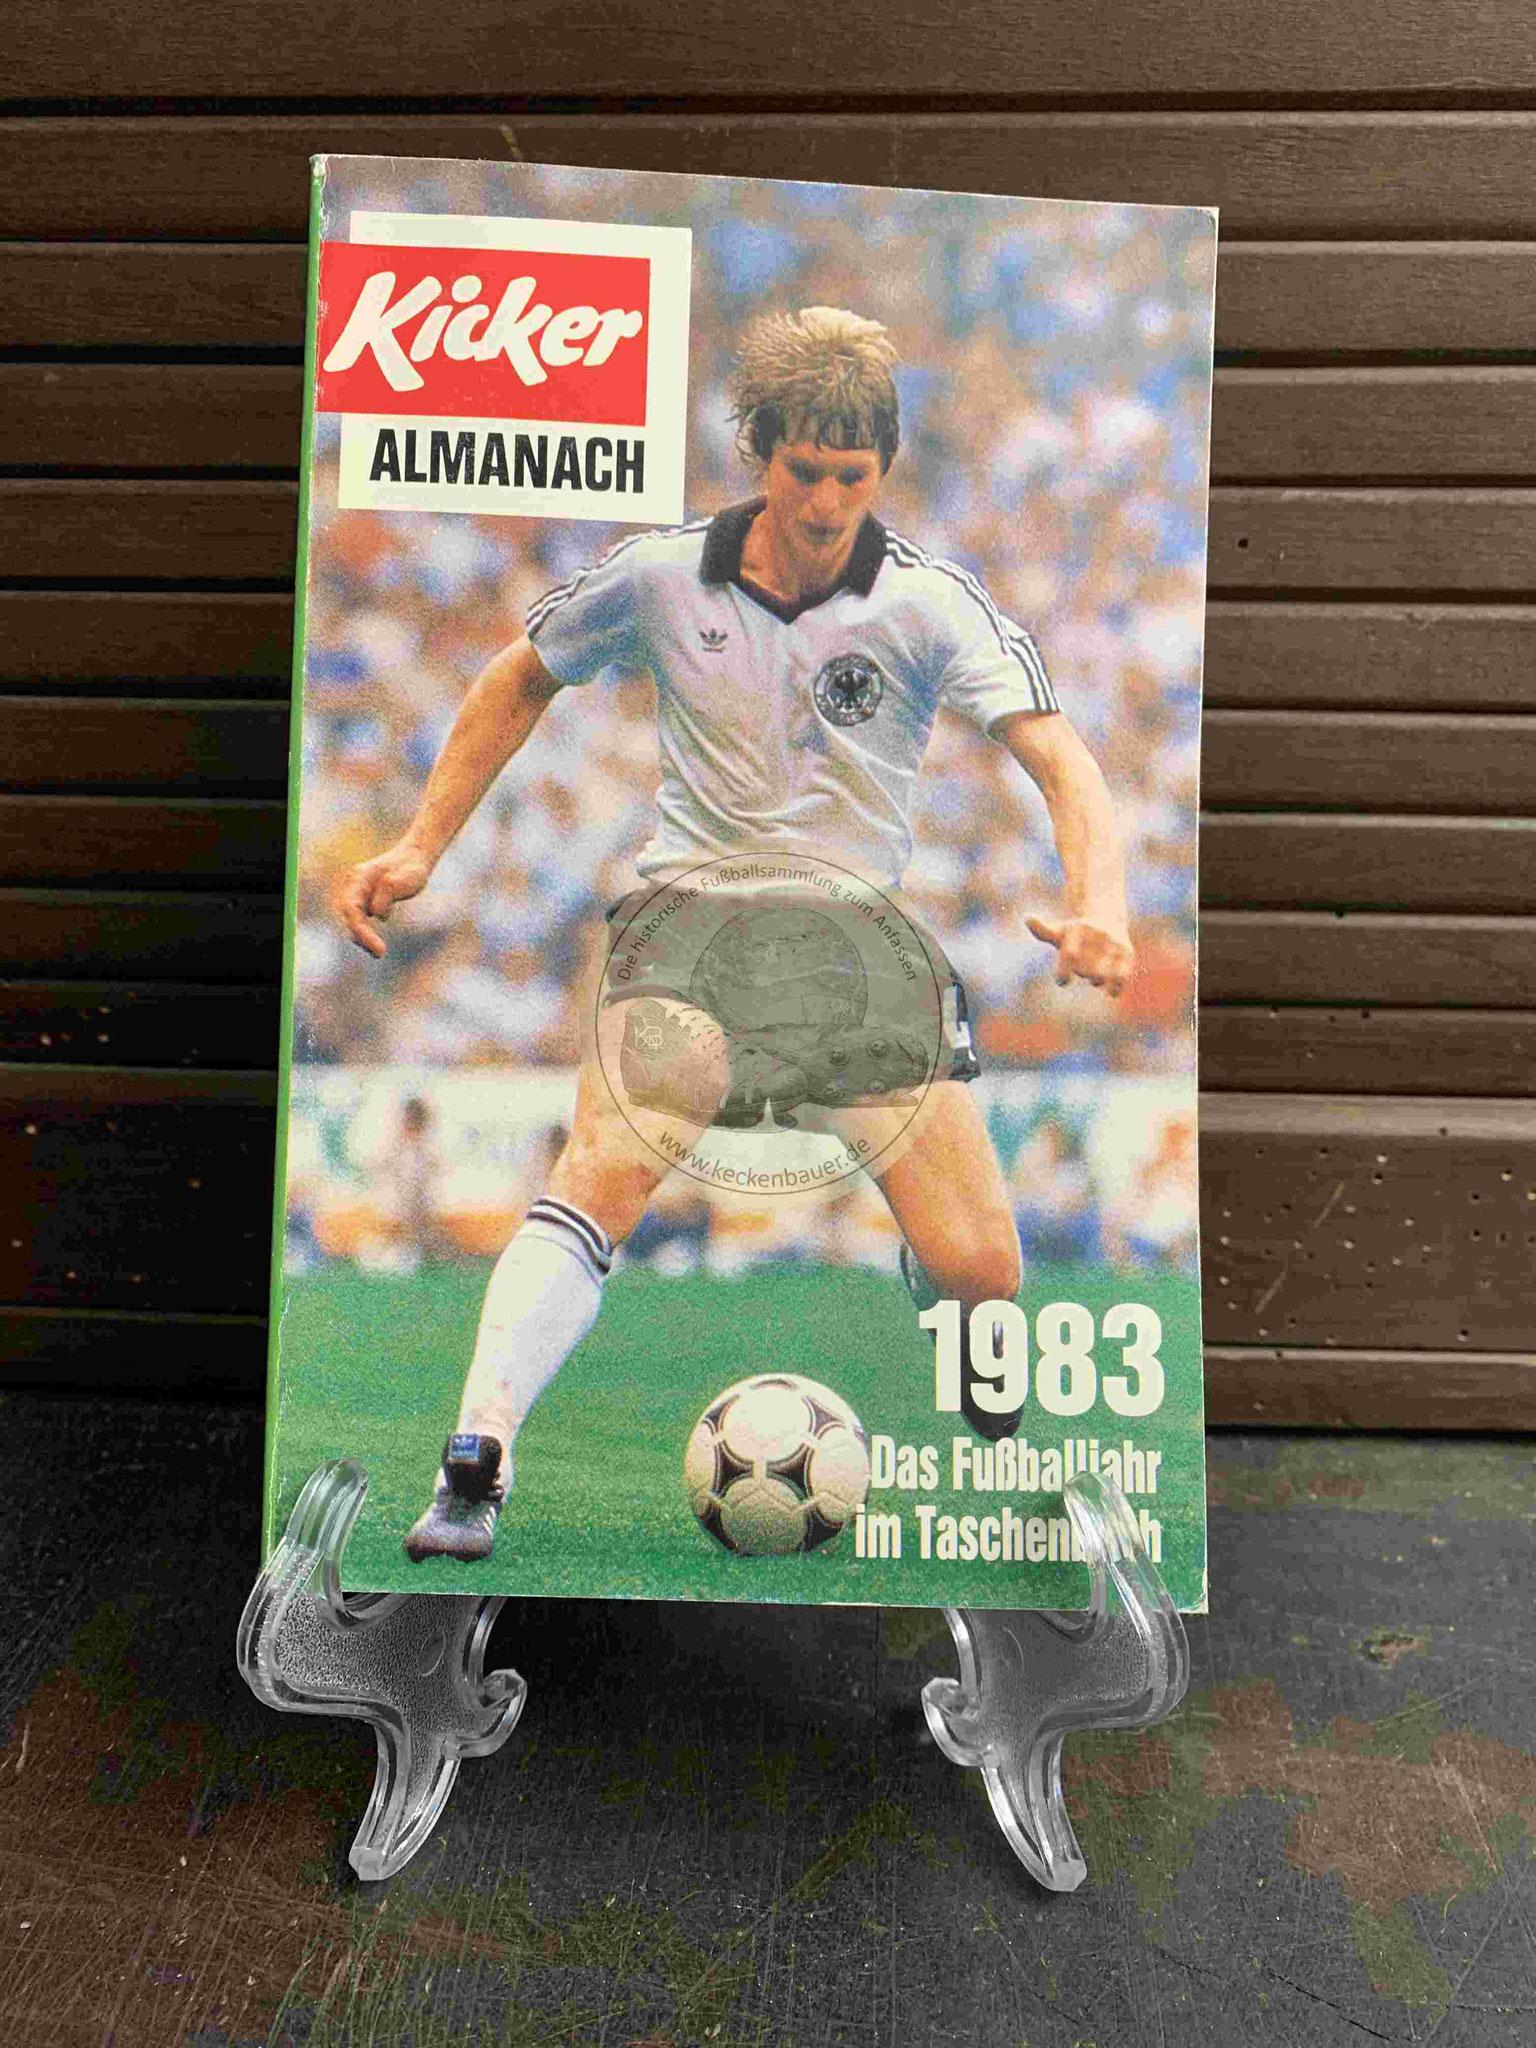 Kicker Almanach aus dem Jahr 1983